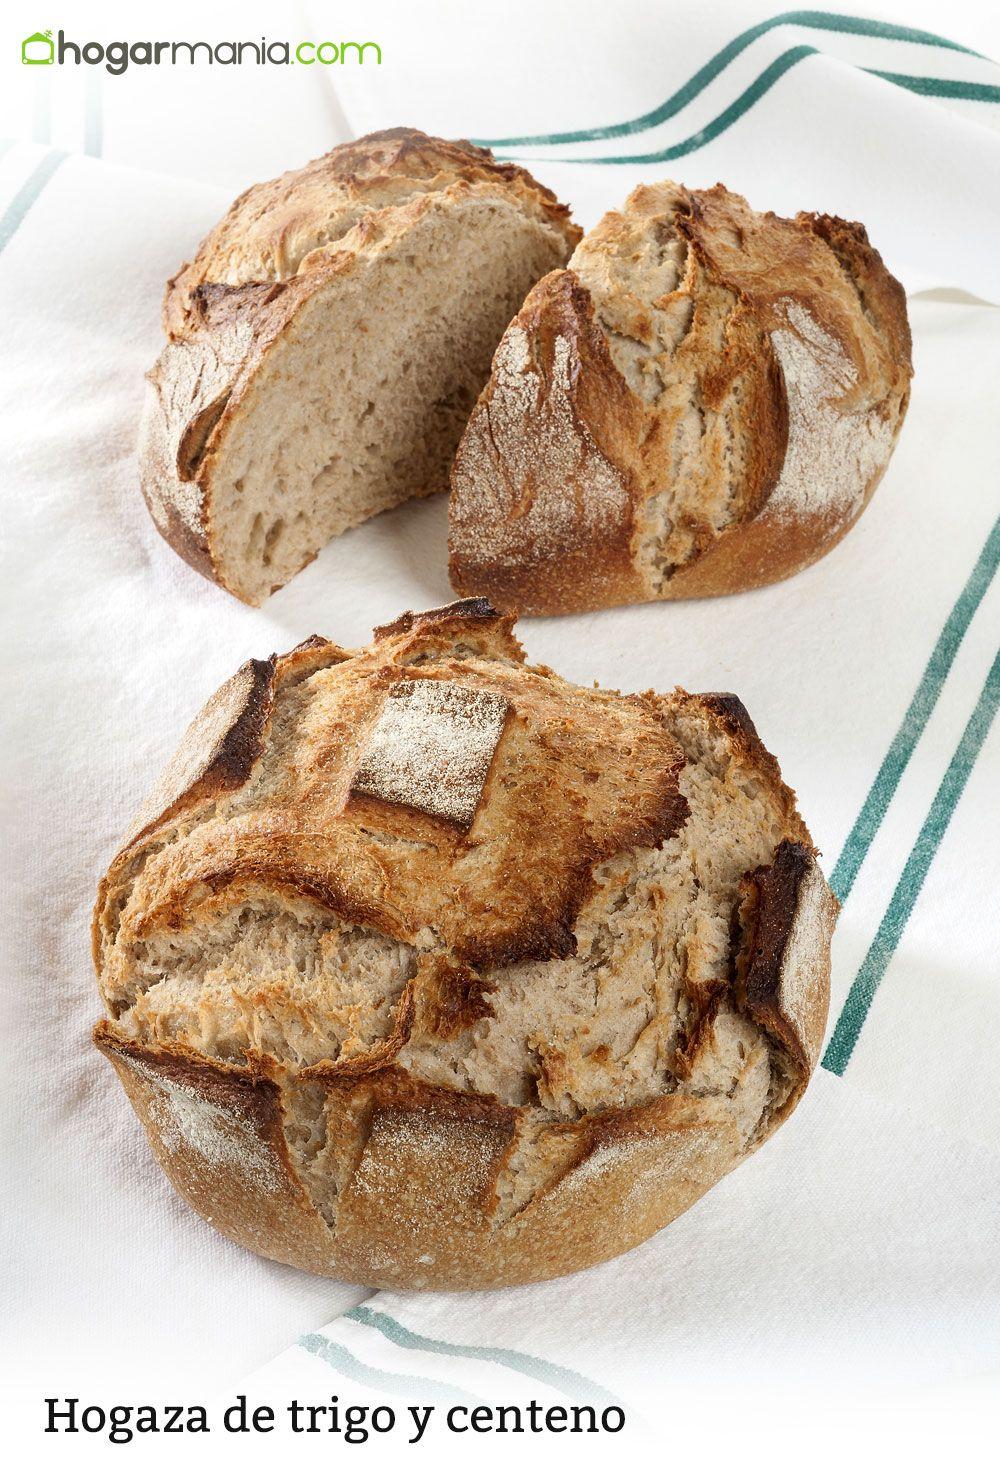 Hogaza de trigo y centeno